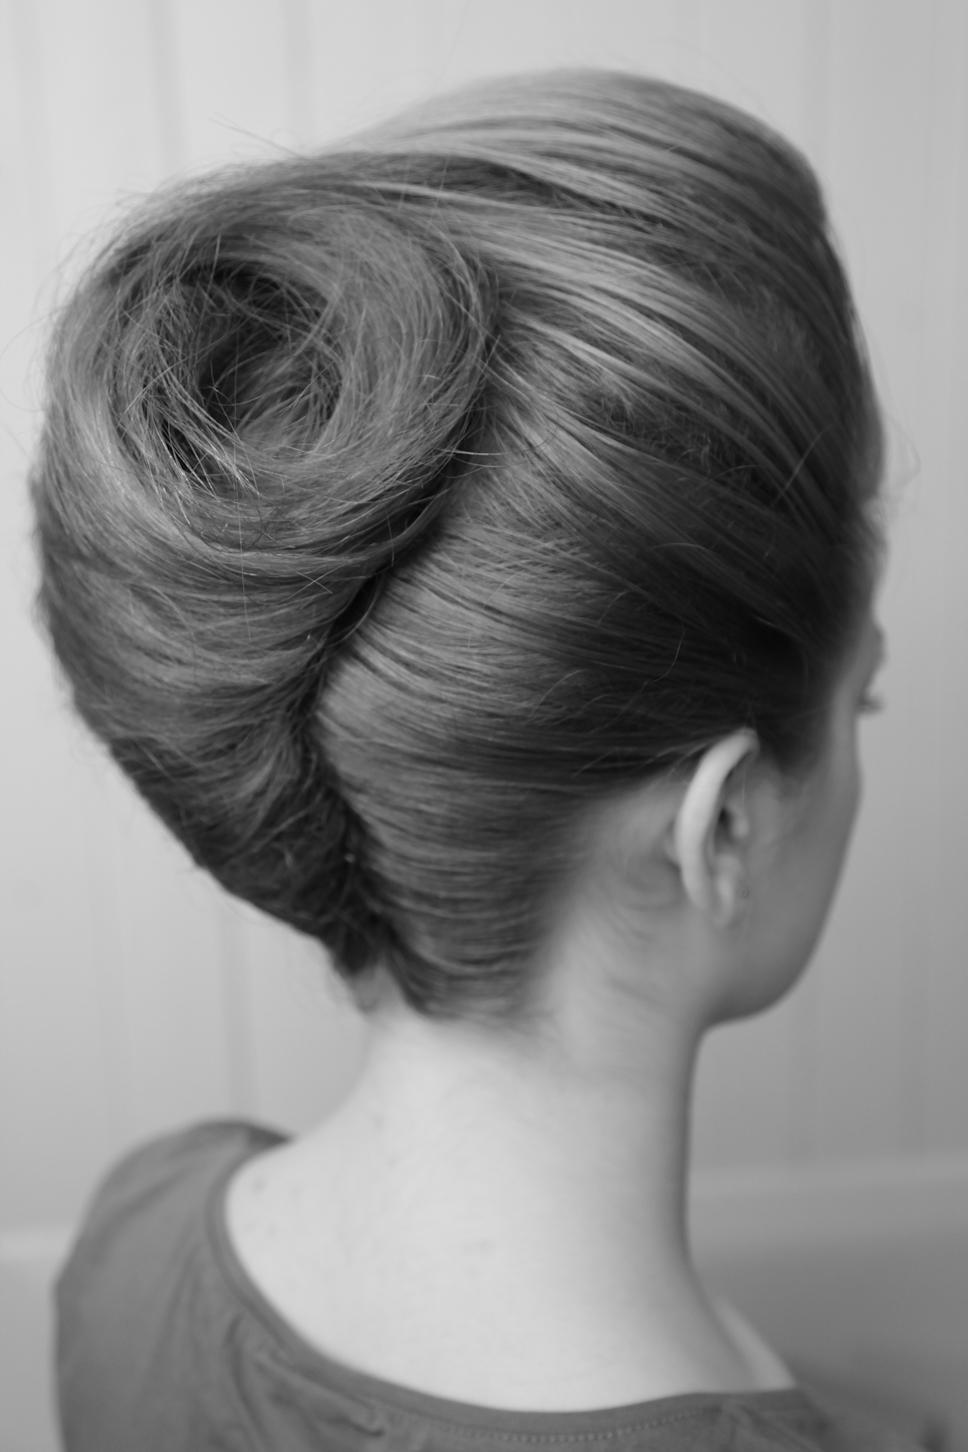 Quite good audrey hepburn french twist hairstyle